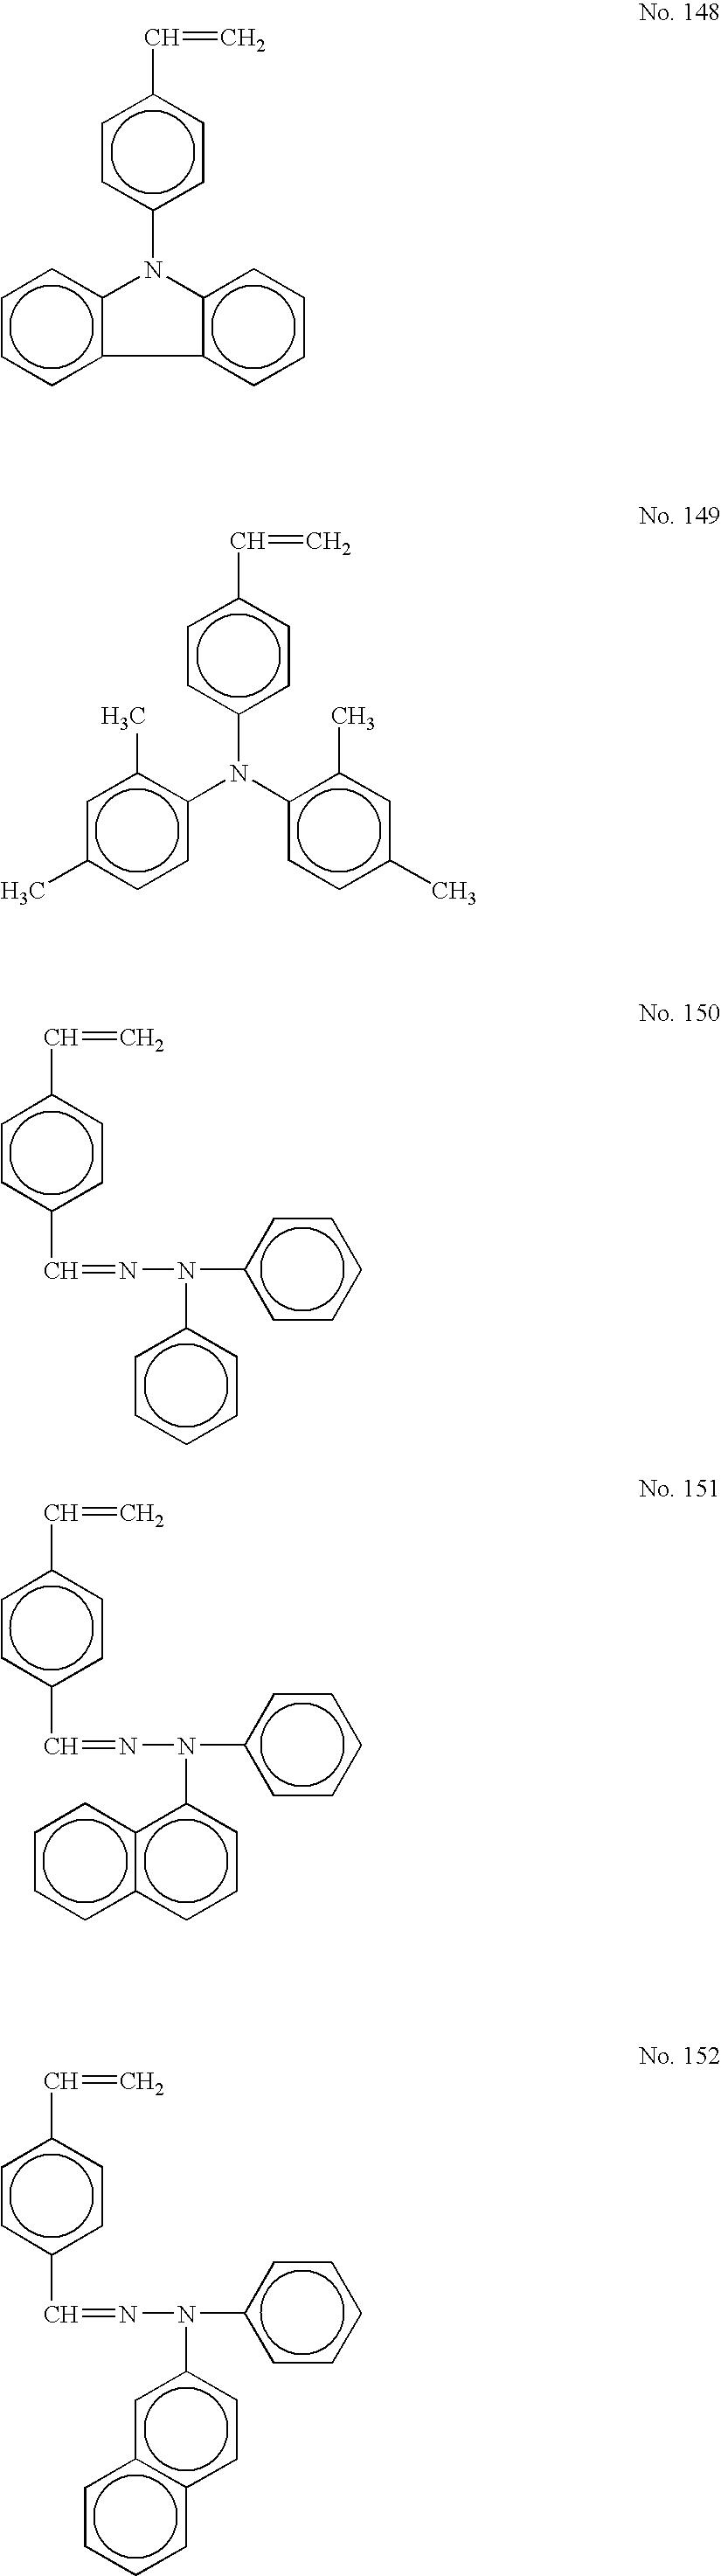 Figure US20060177749A1-20060810-C00069